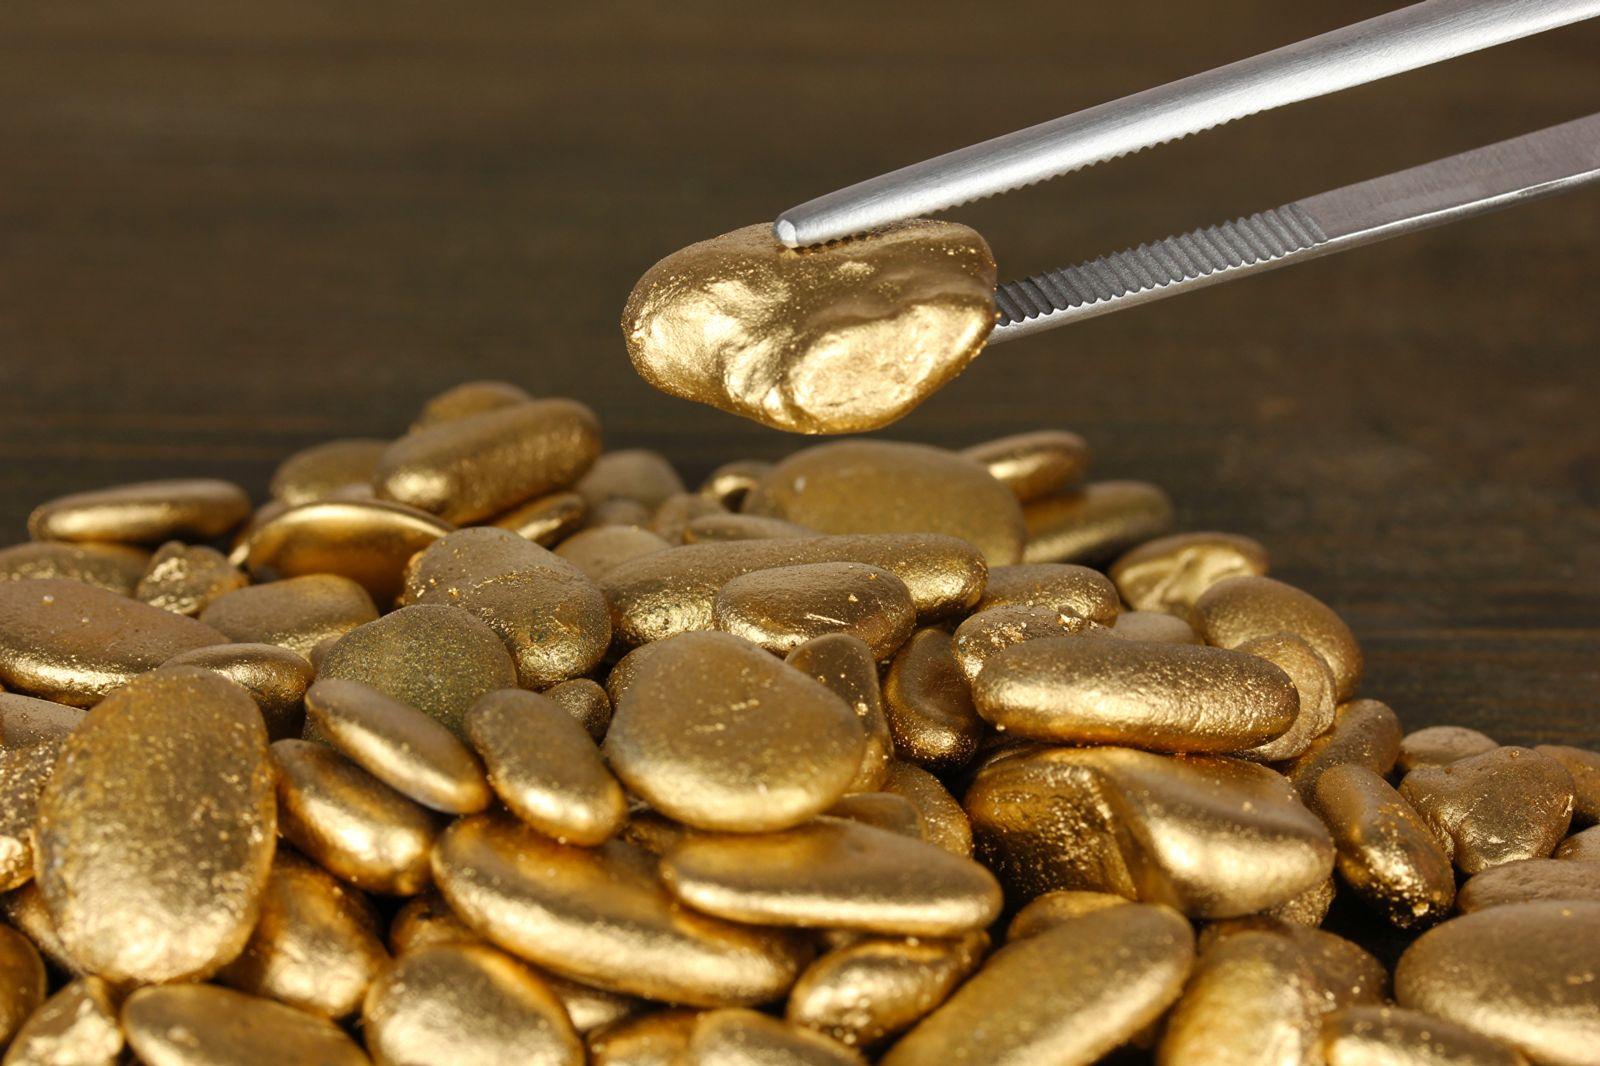 Применение золота: где и для чего оно испрользуется в промышленности, медицине и других областях